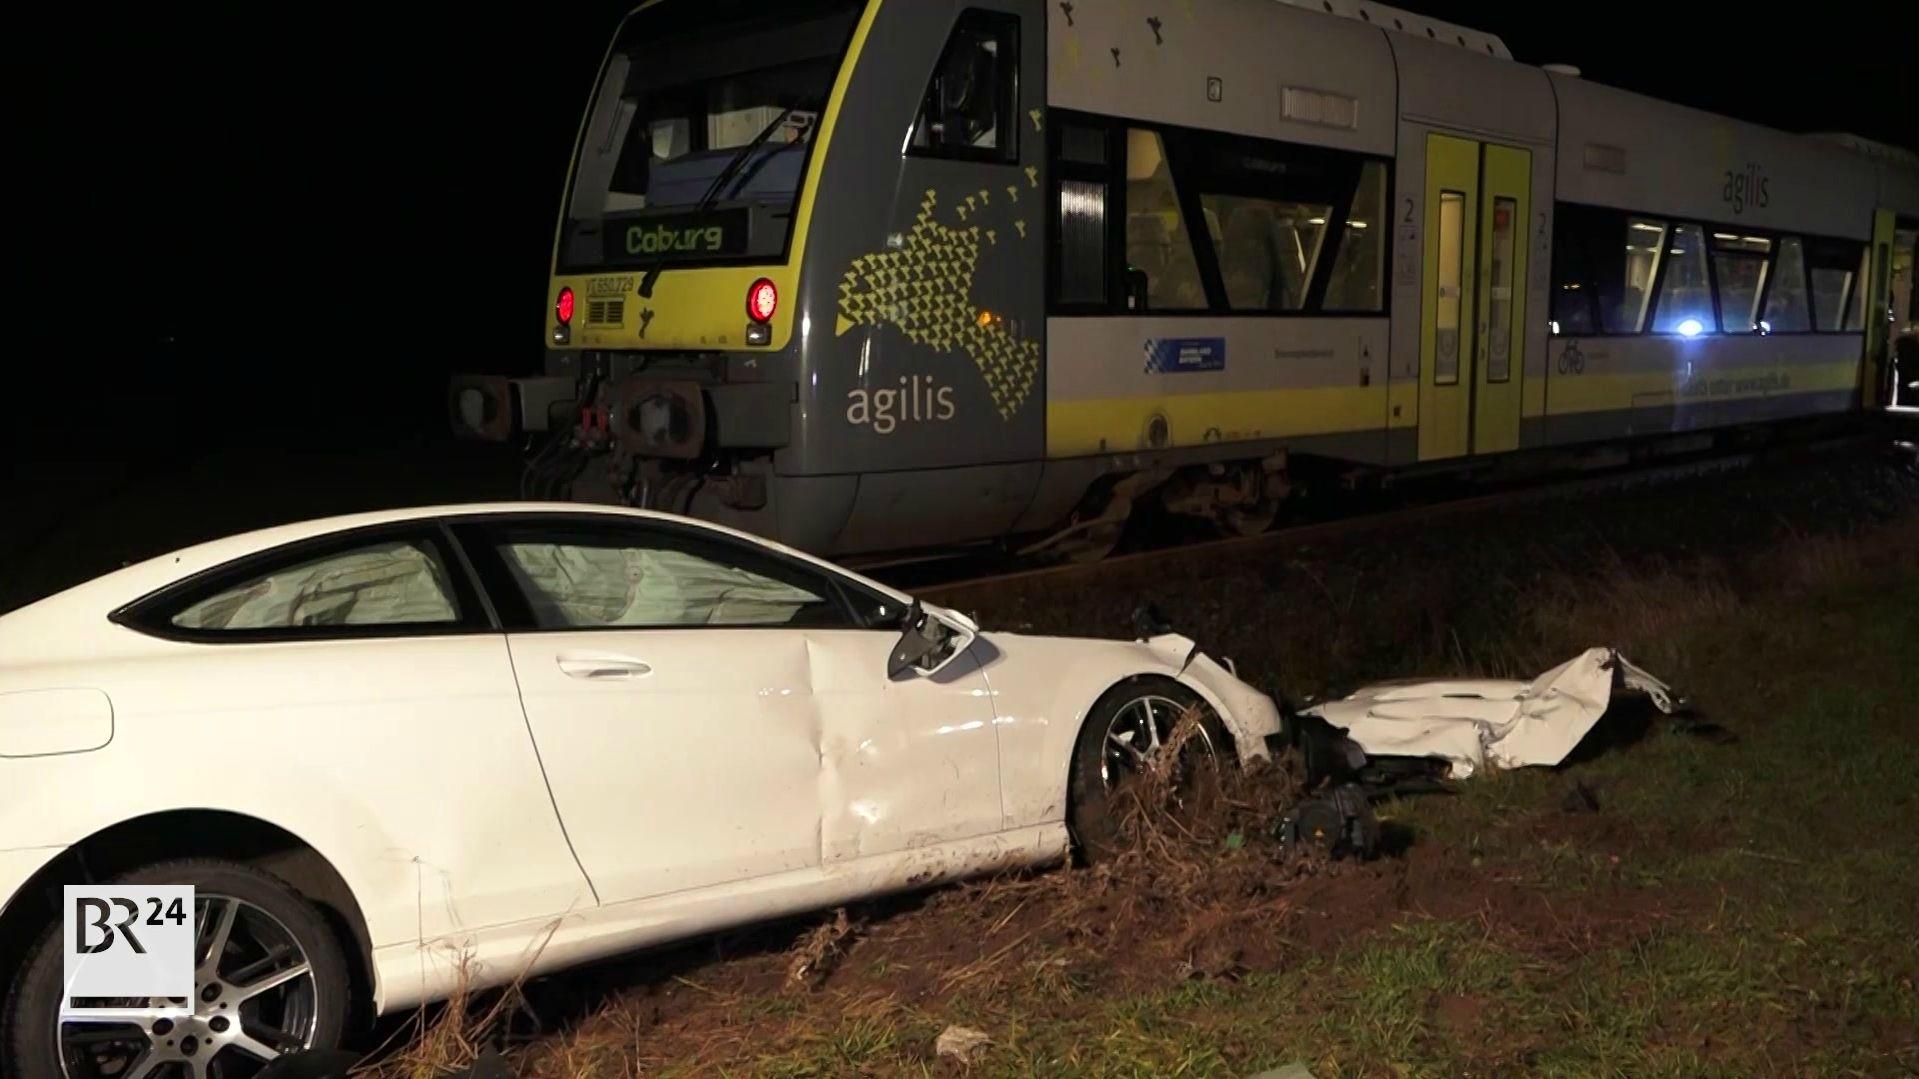 Ein weißes auto liegt neben einem Zug beschädigt im Feld.